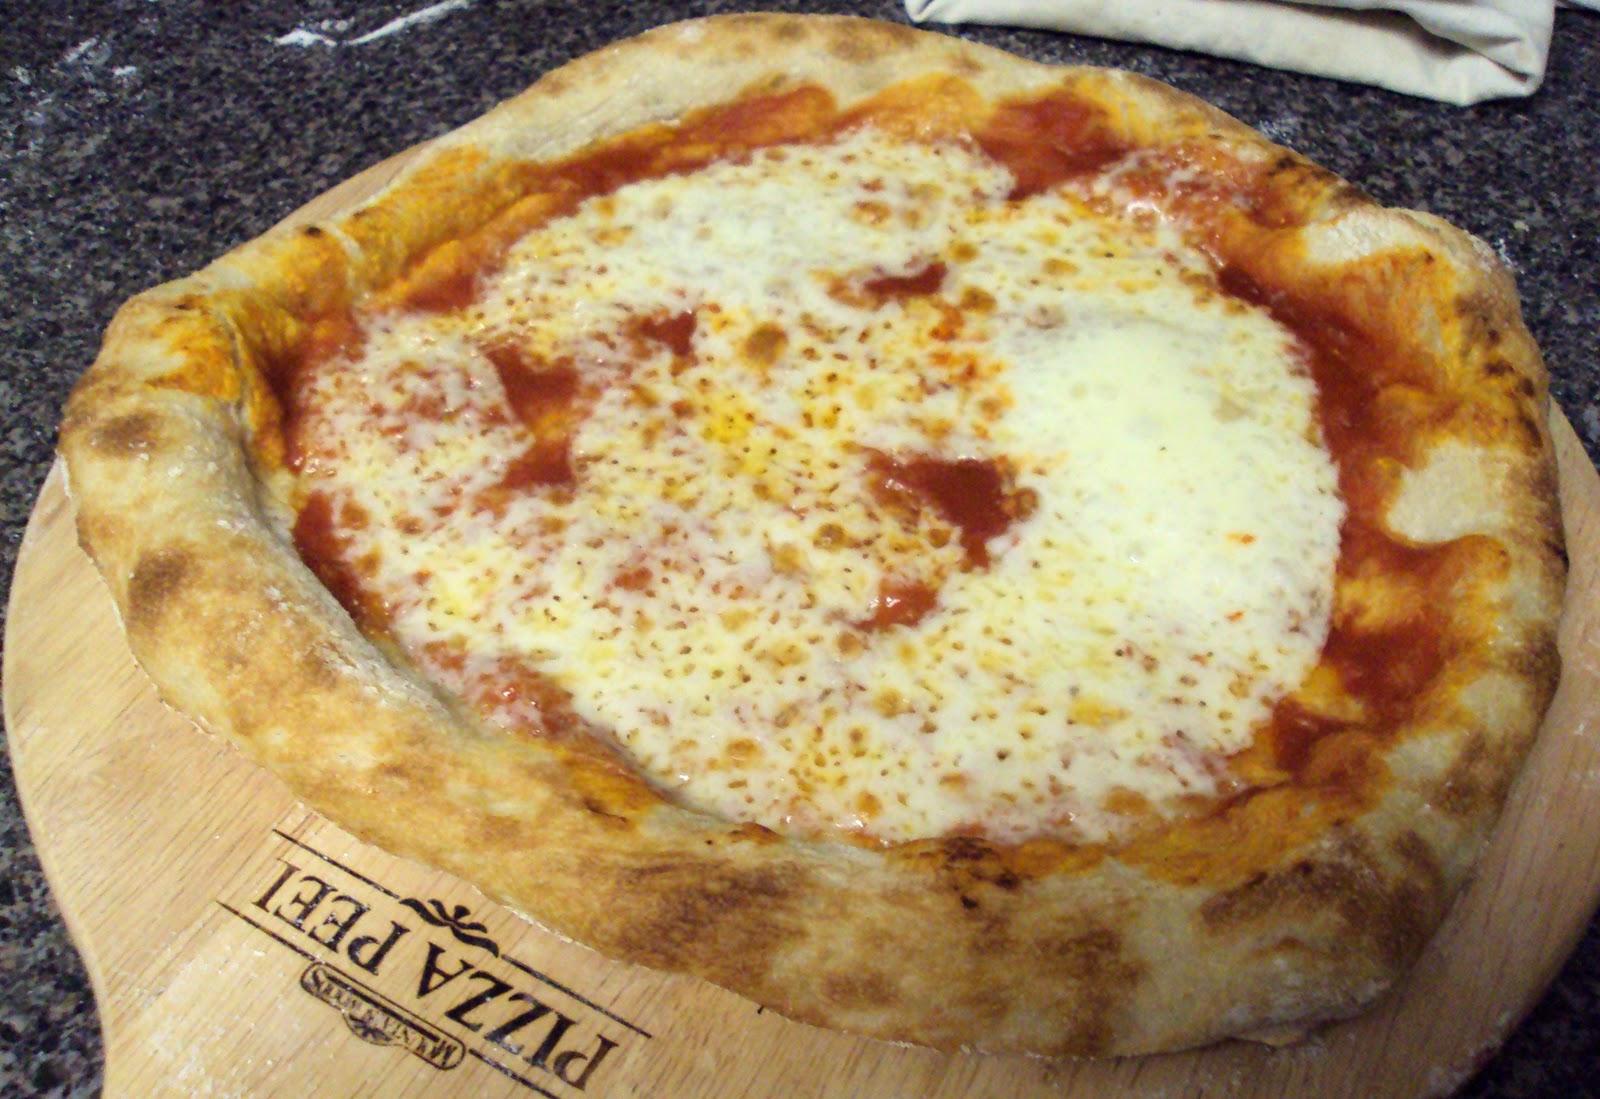 Dreams of sugar la mia ricetta per la pizza nel forno di casa - Forno per la pizza ...